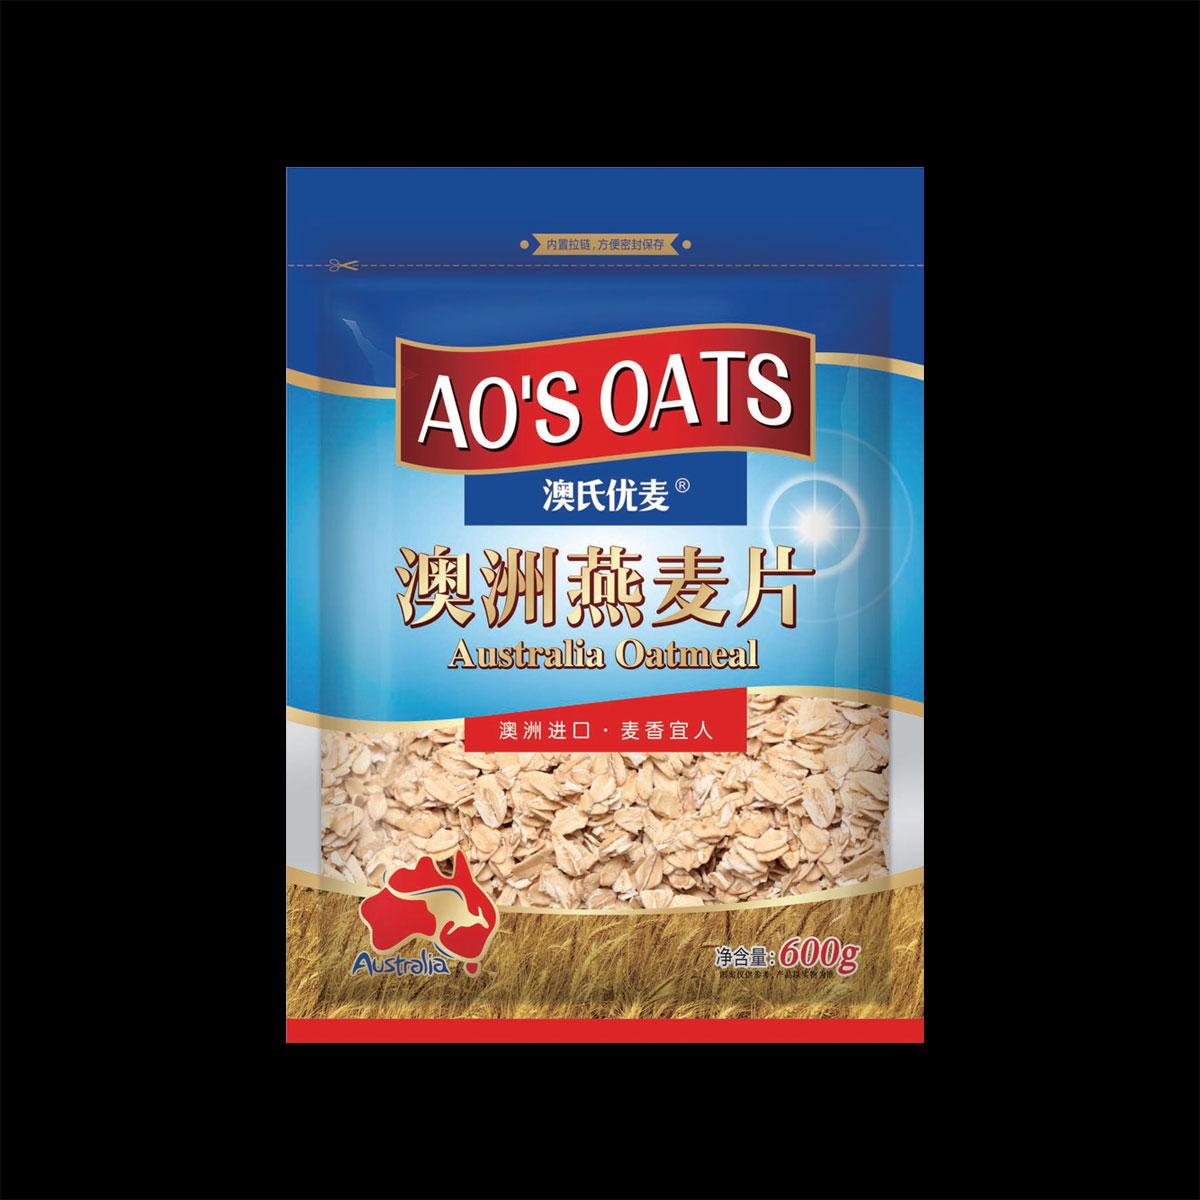 澳洲燕麥片( 原味)600g袋裝